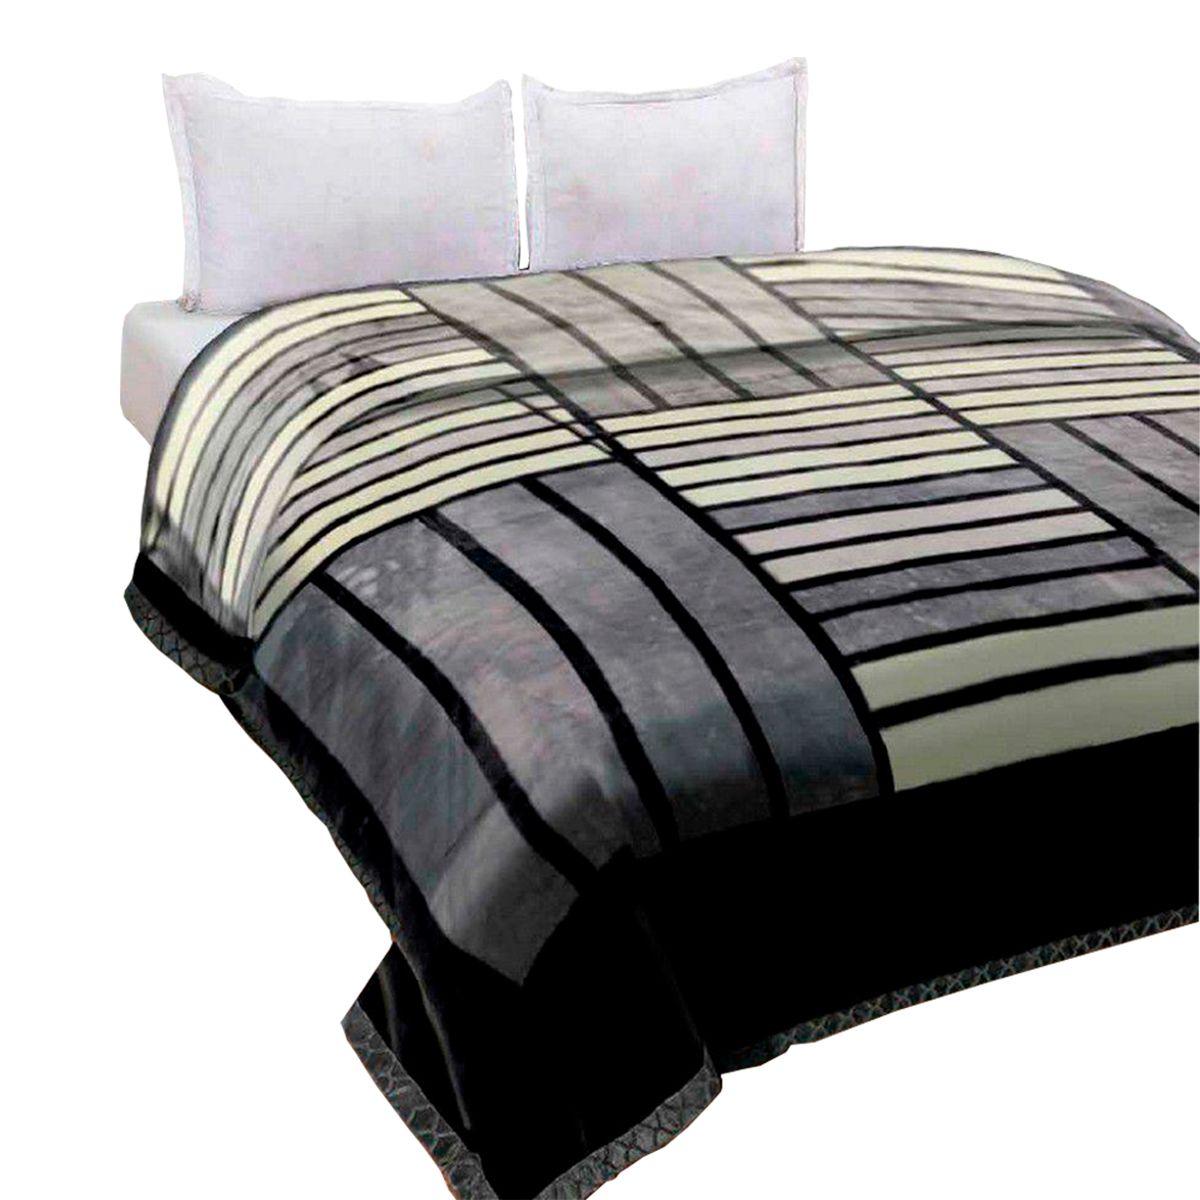 Cobertor Raschel Plus King Poliester Bering 220x240cm